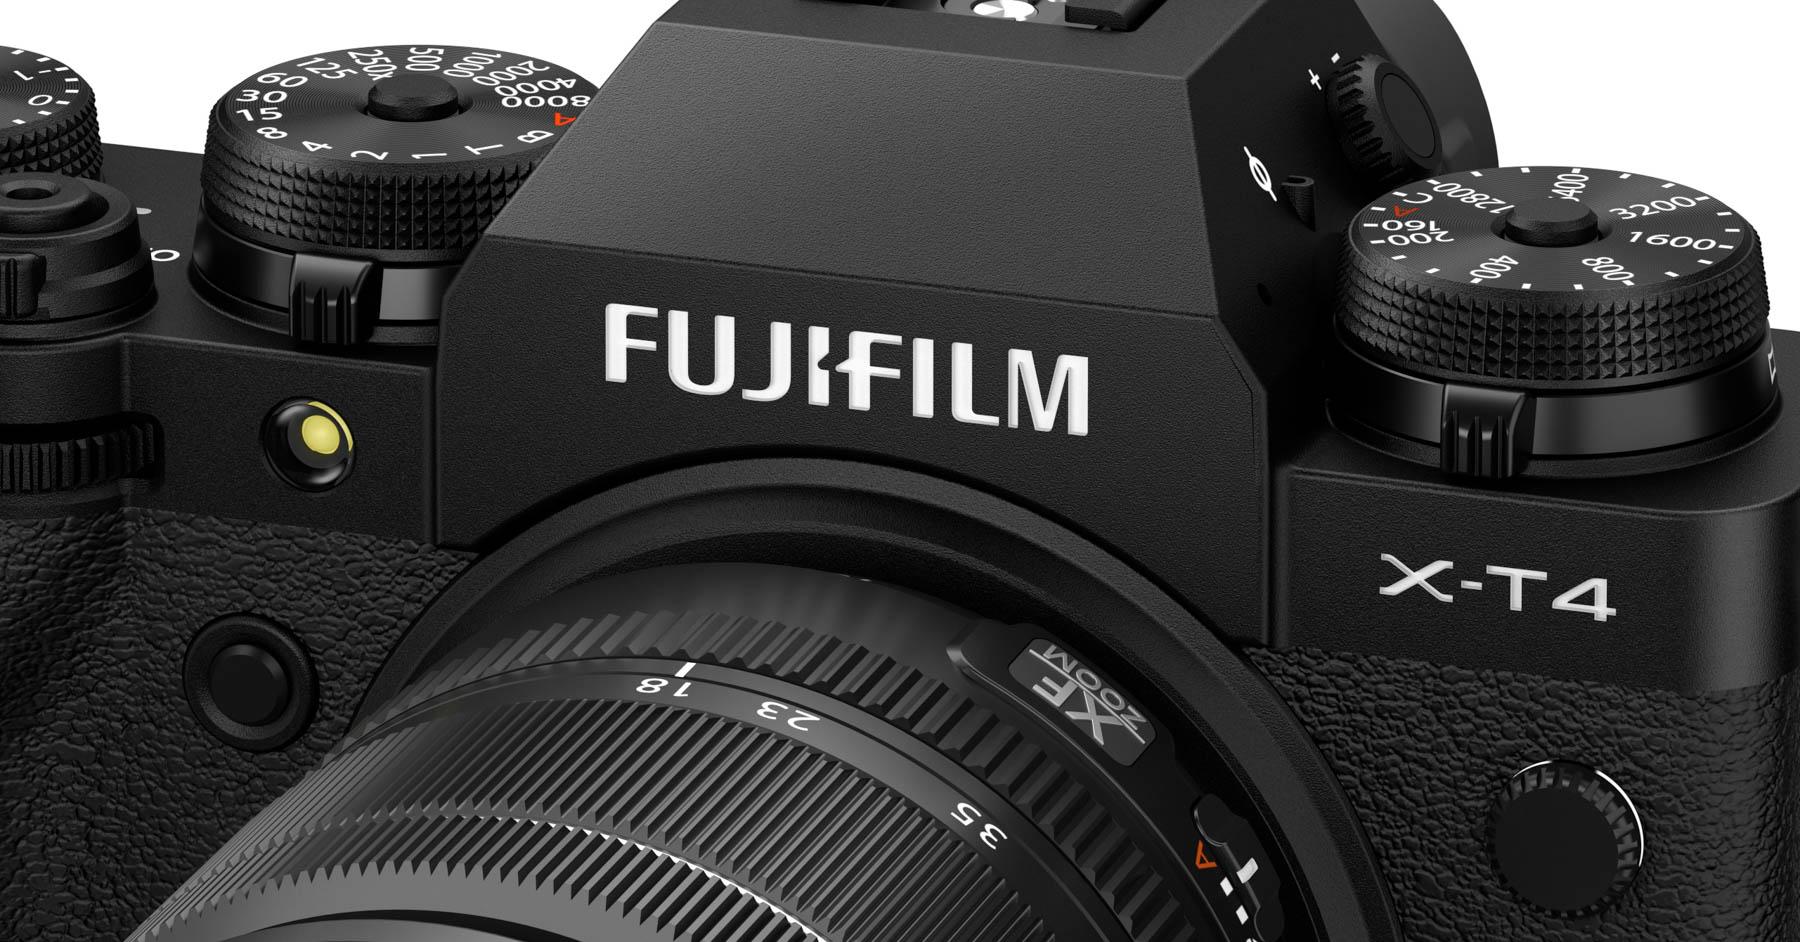 Fujifilm X-T4, la nueva cámara tope de gama de la serie X (vídeo con toma de contacto)